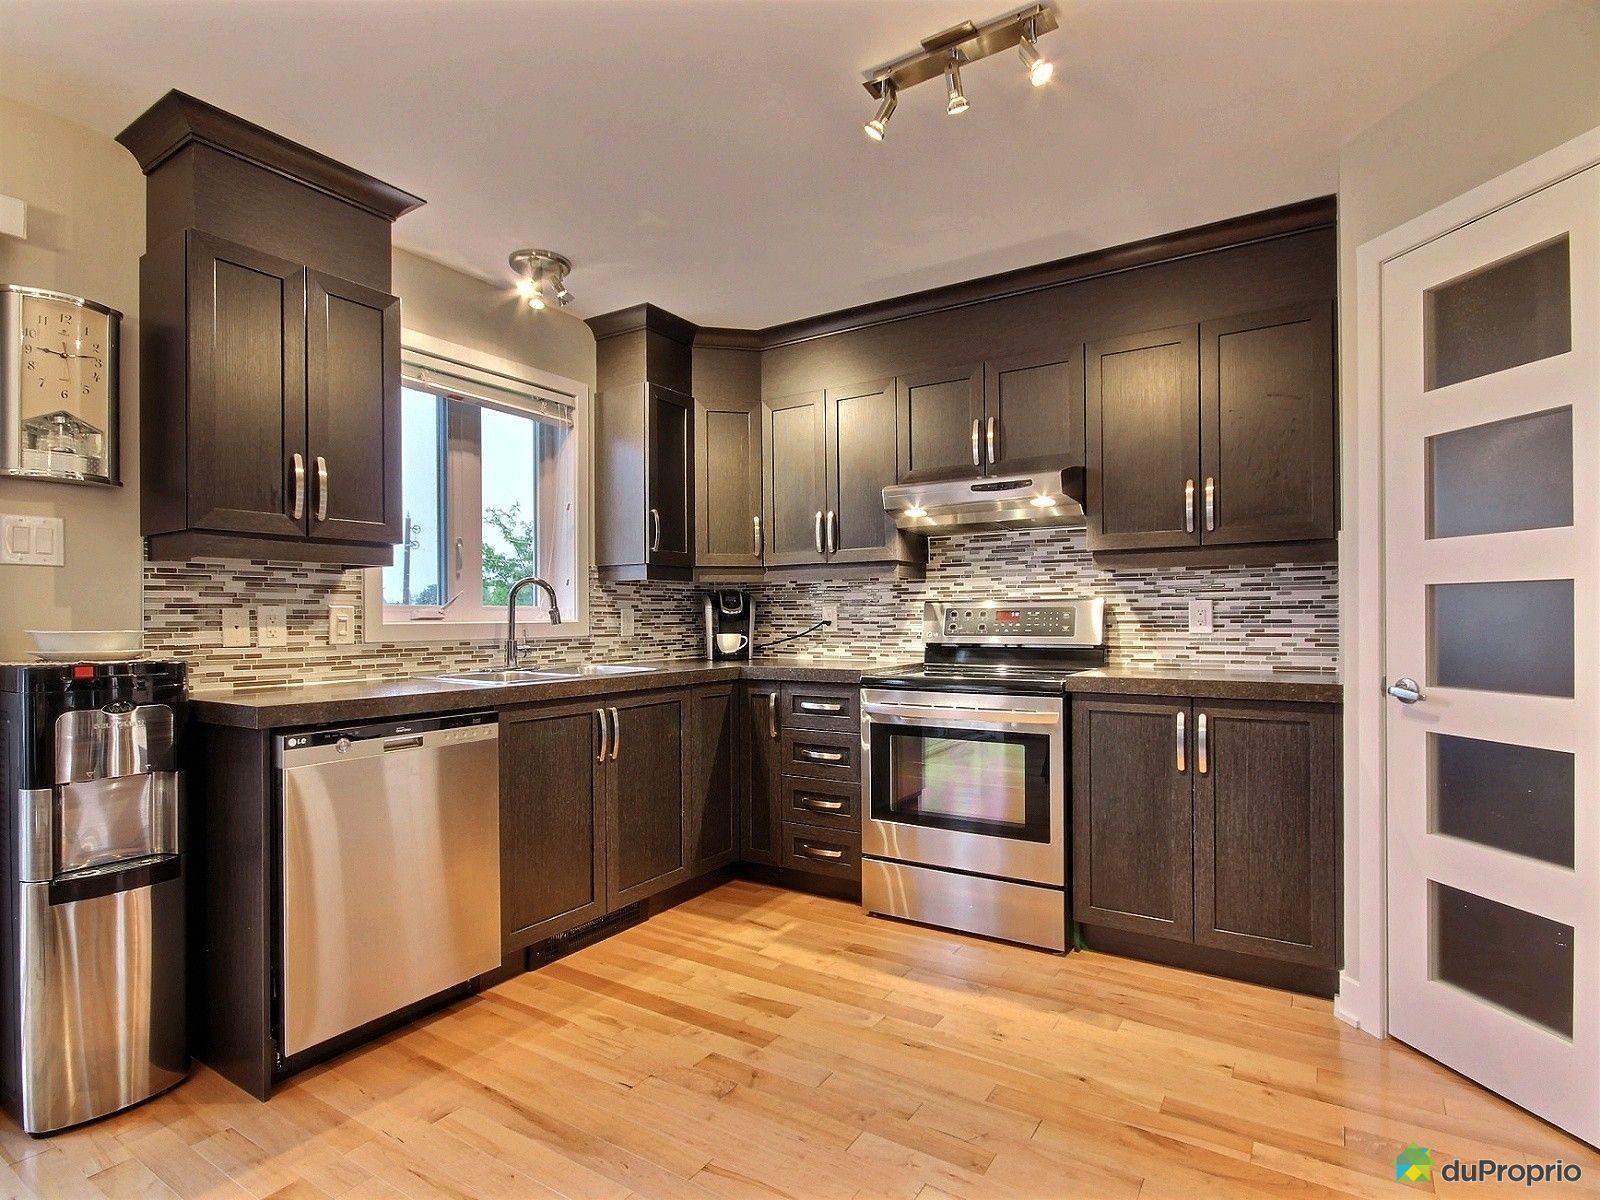 maison vendu st jean sur richelieu immobilier qu bec duproprio 636416. Black Bedroom Furniture Sets. Home Design Ideas